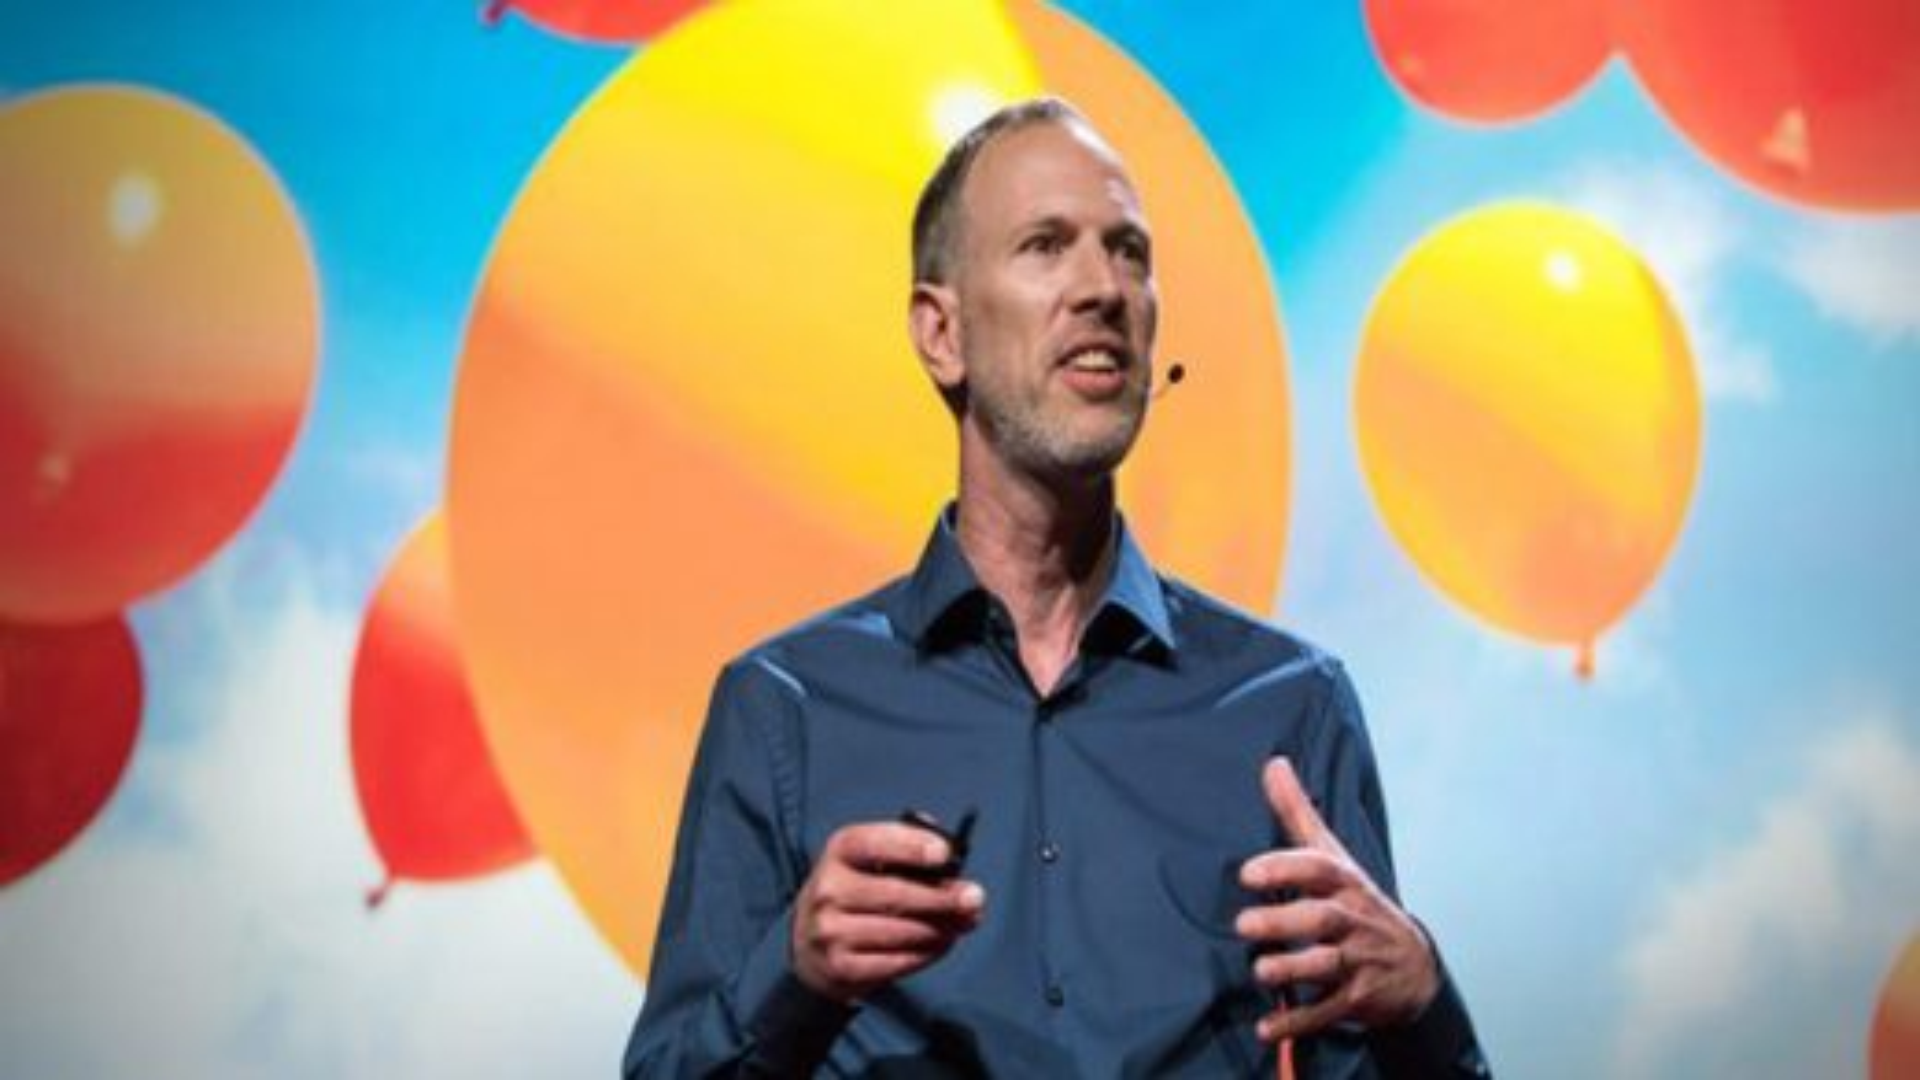 سخنرانی های تد؛ نیاز به ساخت یک بنیان انسانی جدید |فیلم